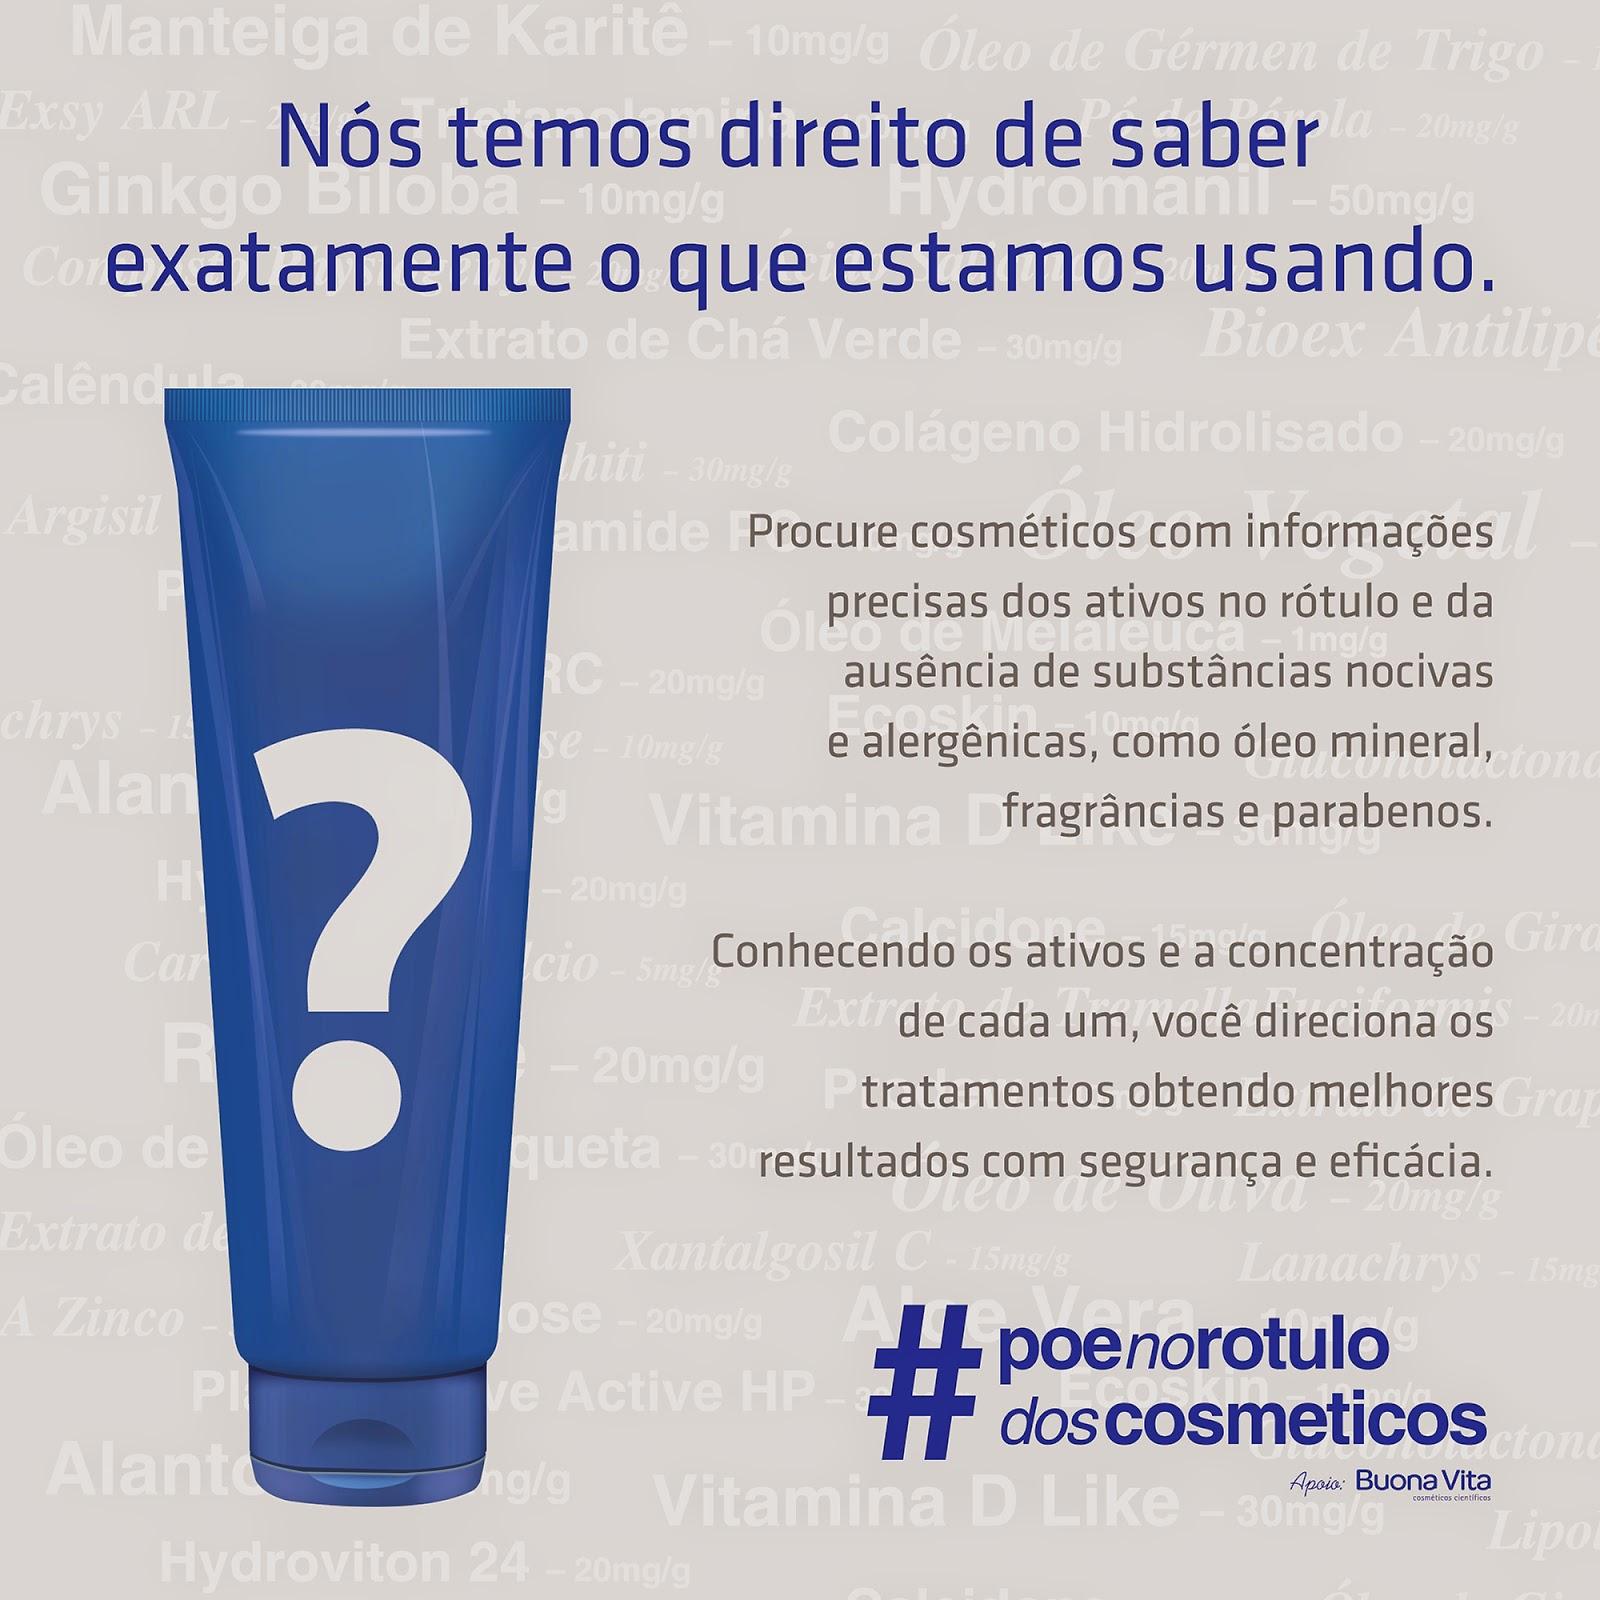 #poenorotulodoscosmeticos